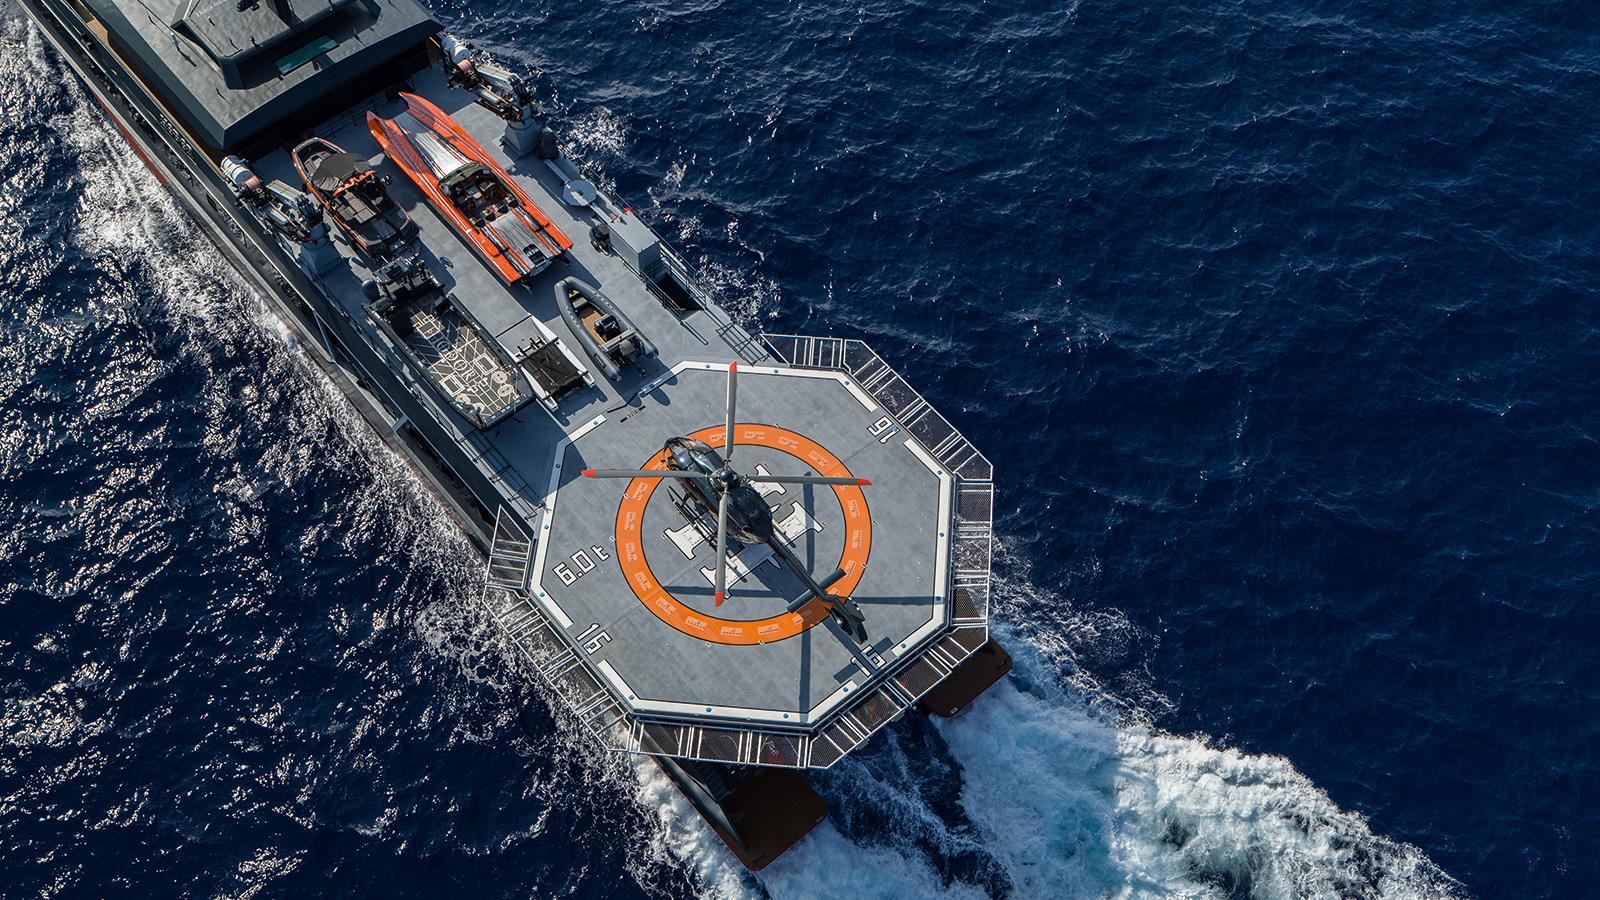 catamaran-superyacht-Hodor-worlds-largest-toybox-helicopter